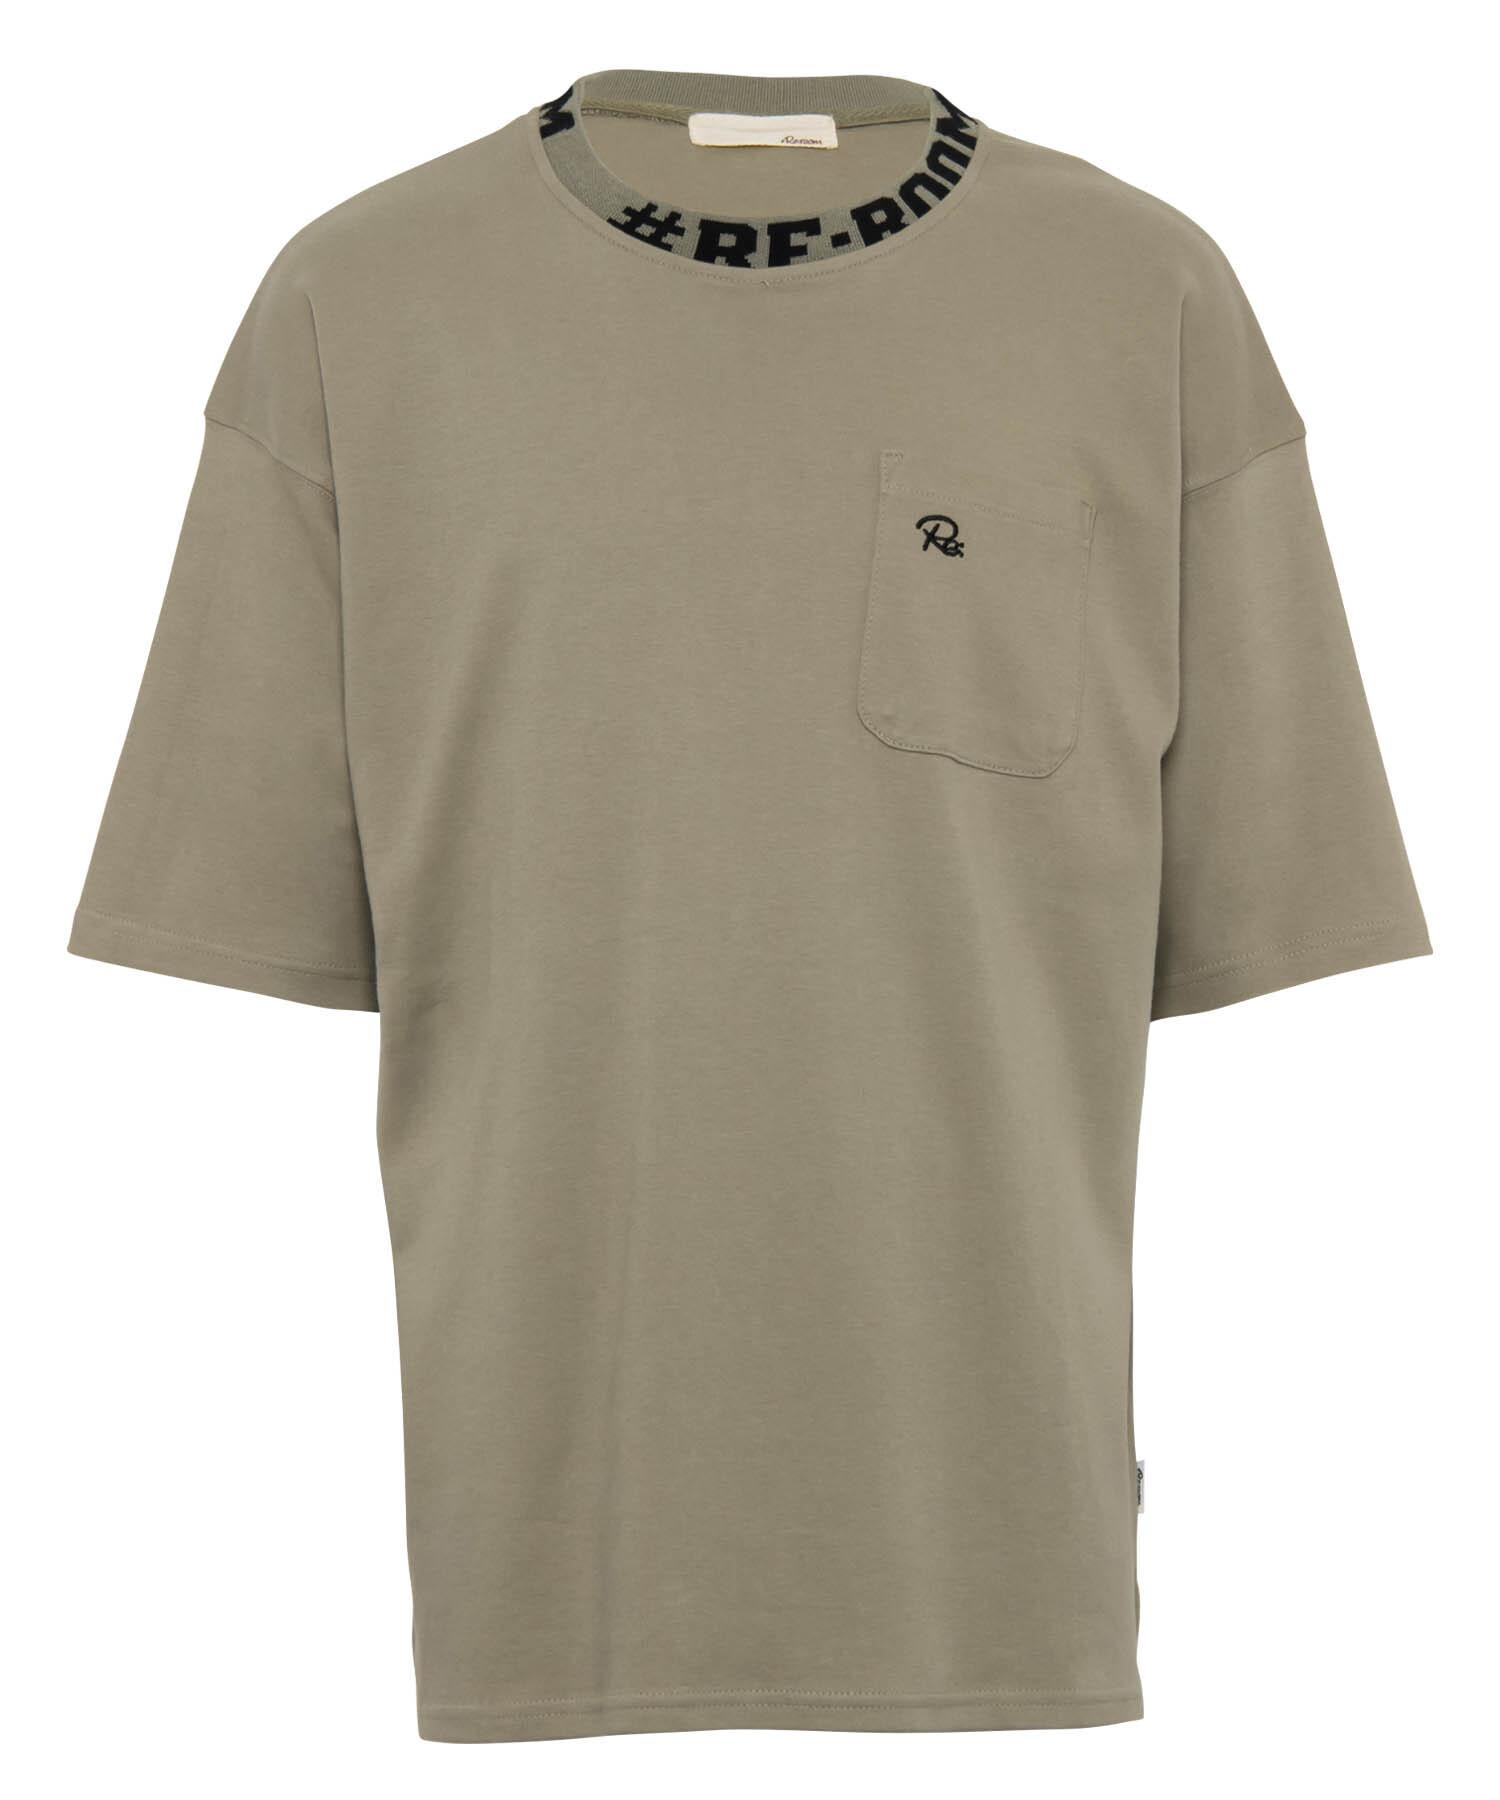 NECK LOGO BIG T-shirt[REC386]